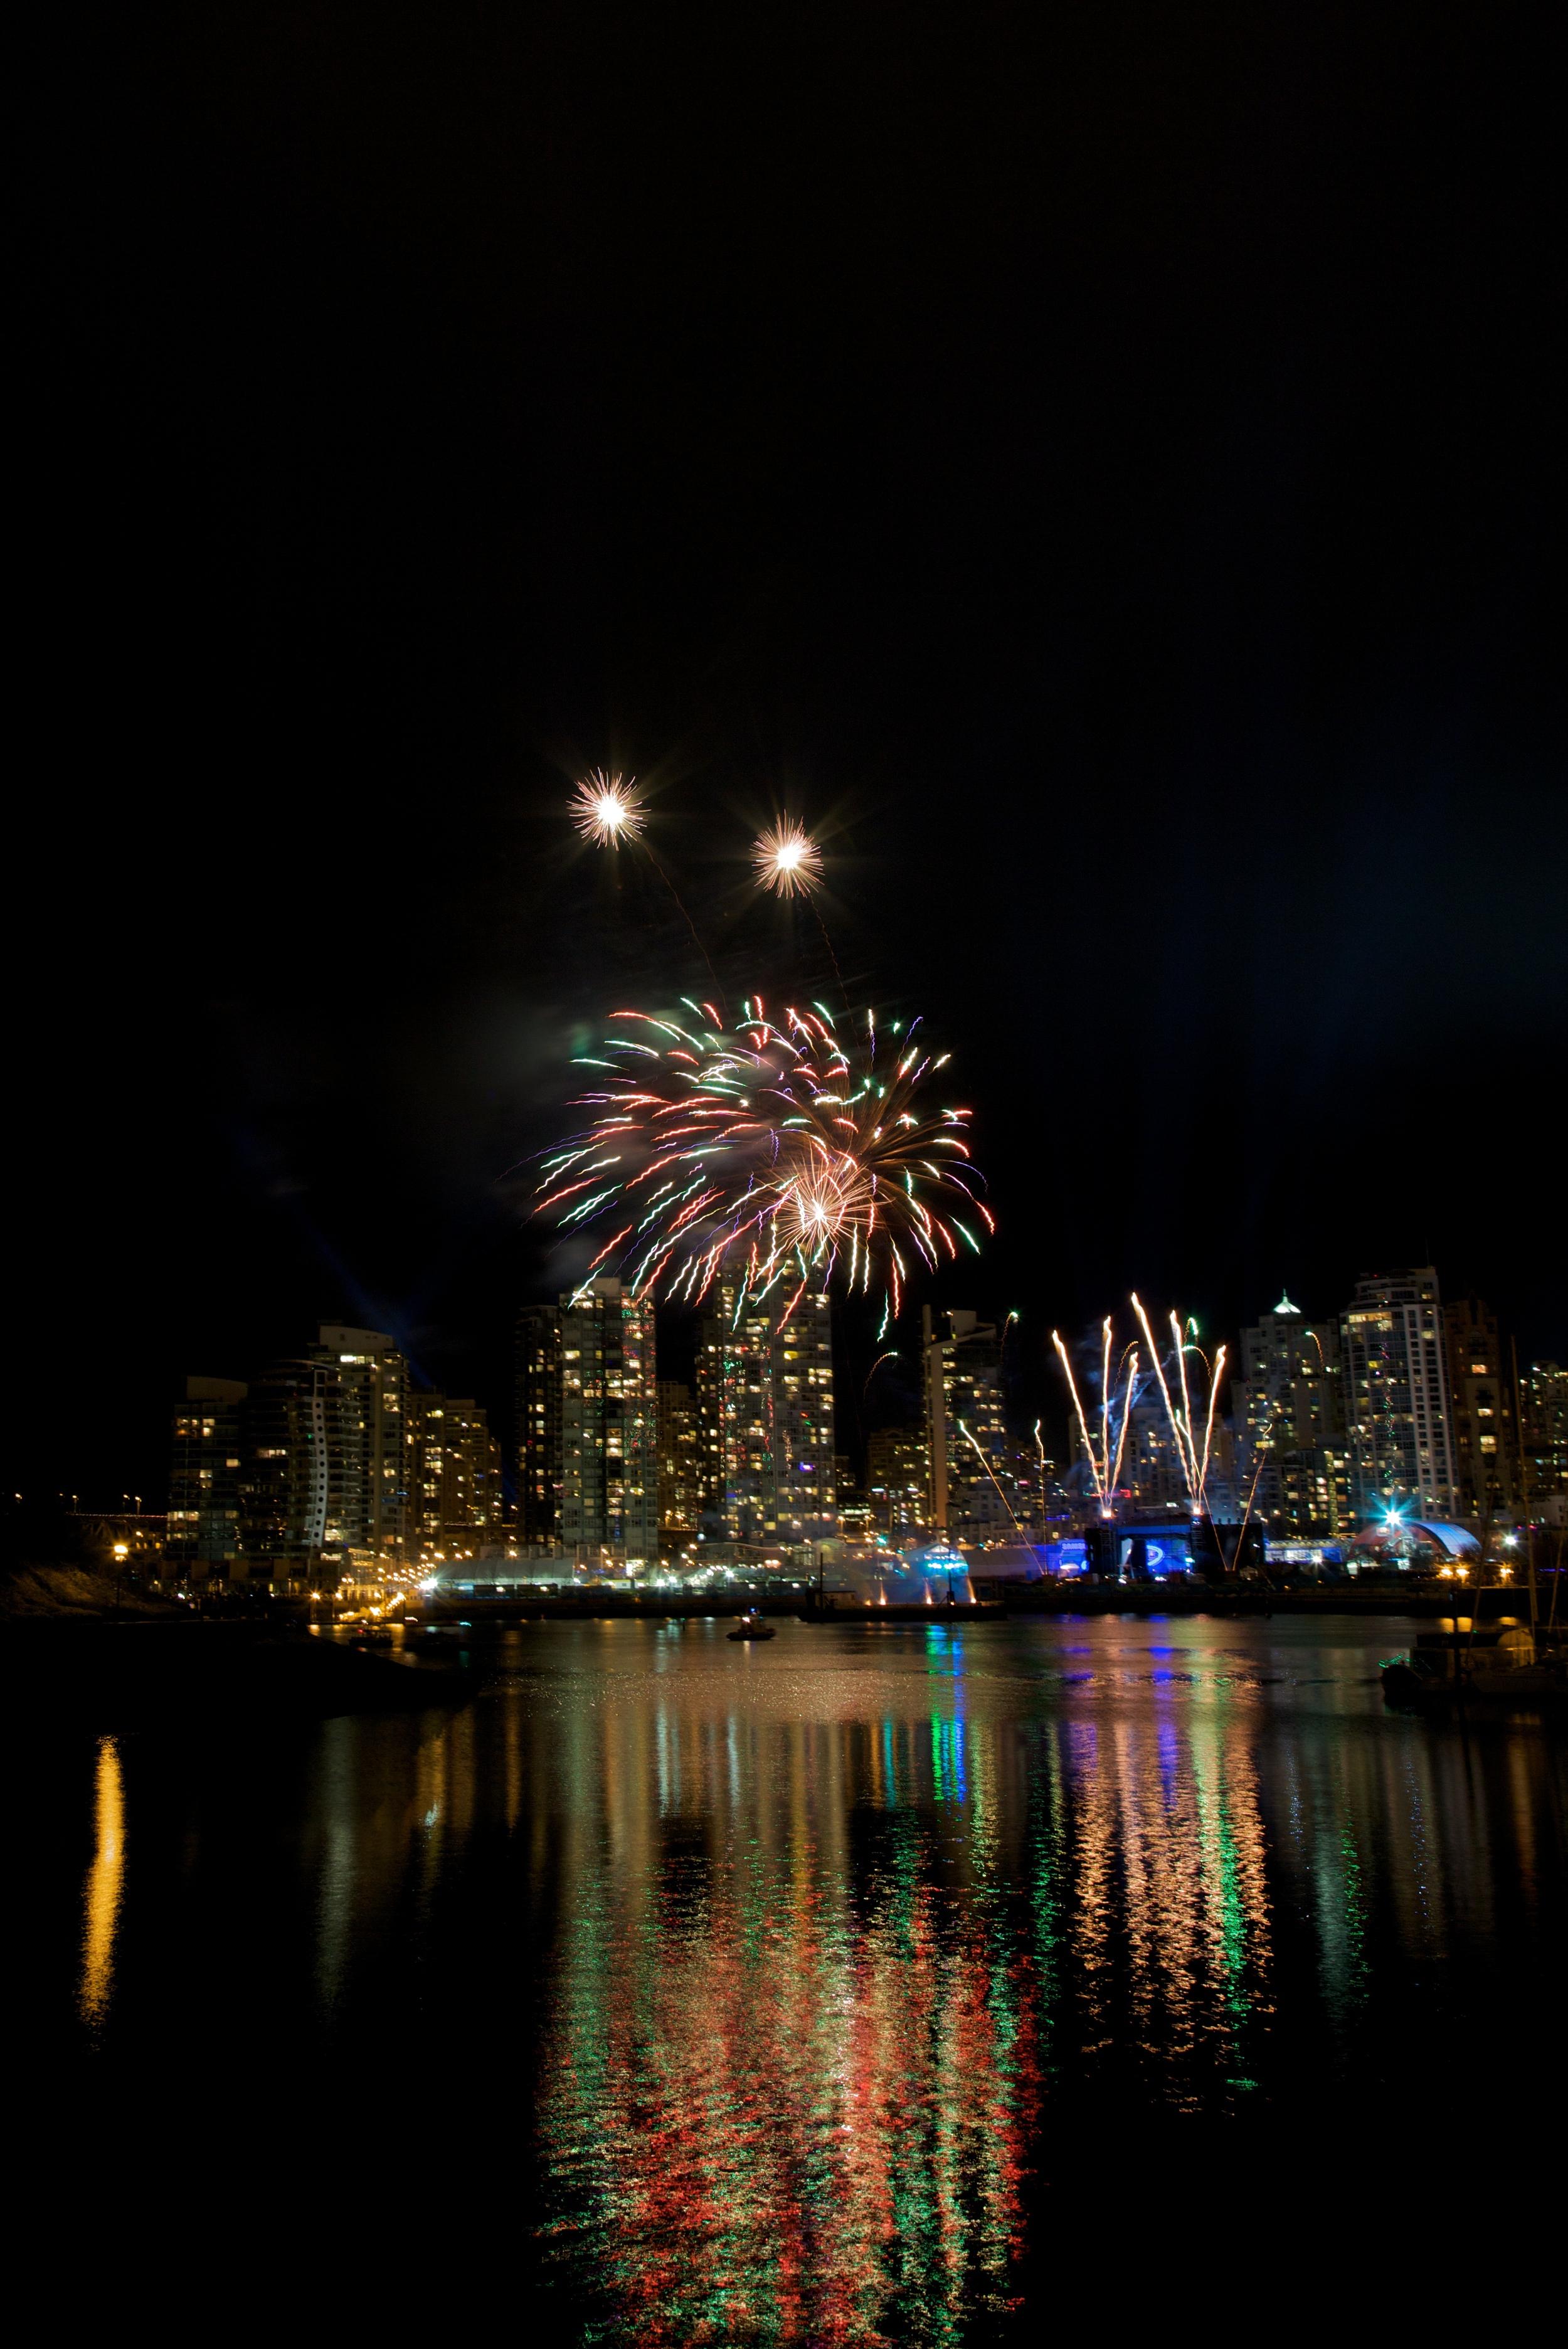 Vancouver2010++10430-797945806-O.jpg